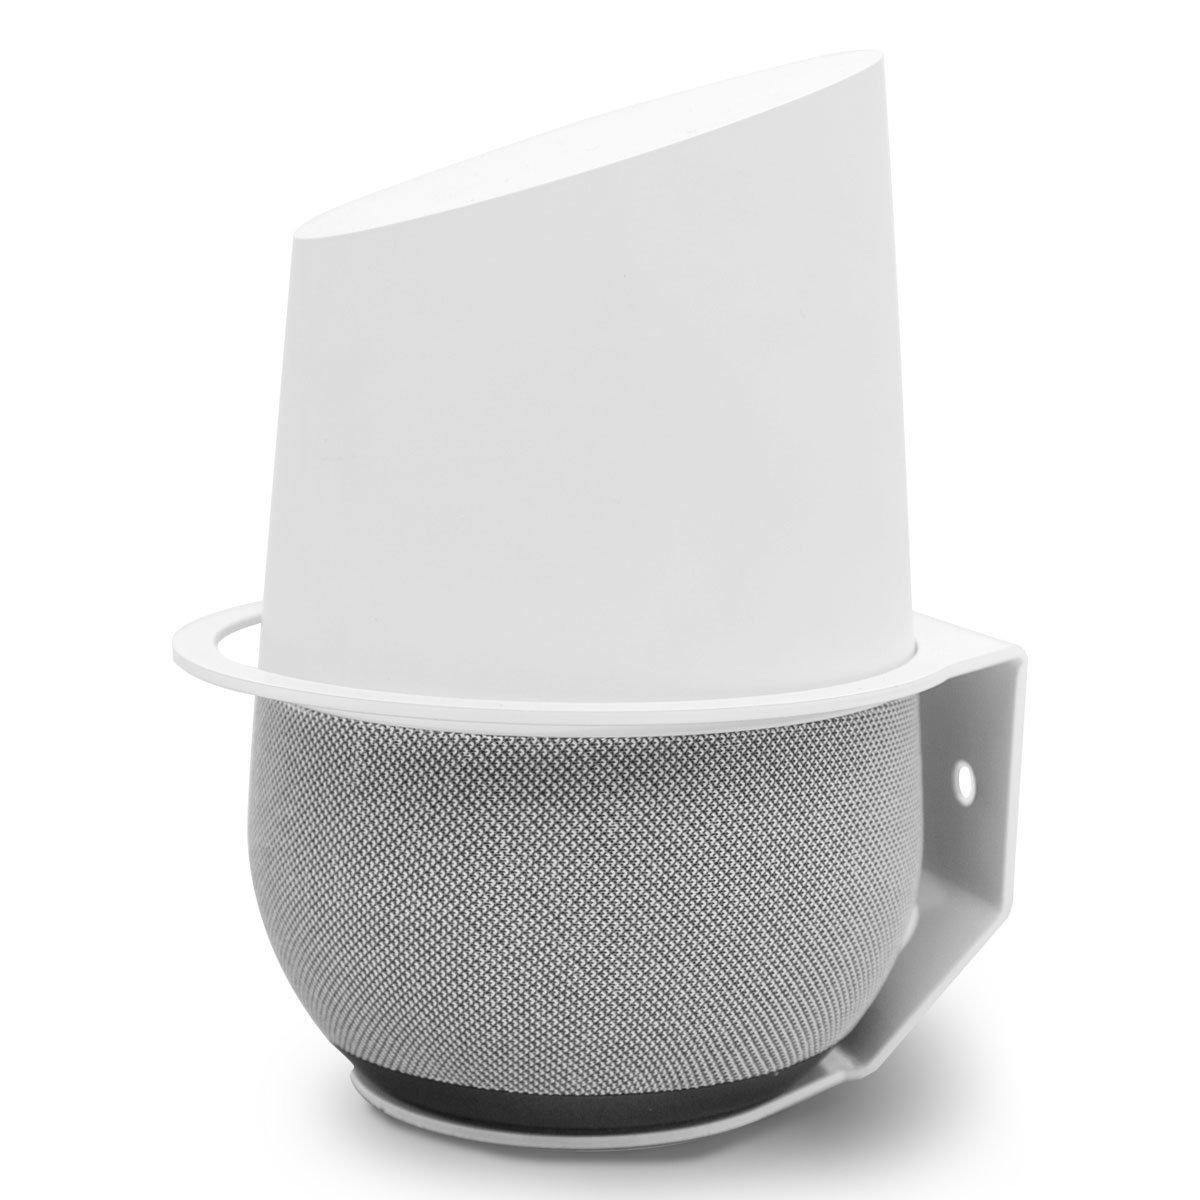 Google Home Wall Mount, Allicaver realizzato in metallo robusto supporto per Google Home.(bianco) LOLITECH LOLI-118